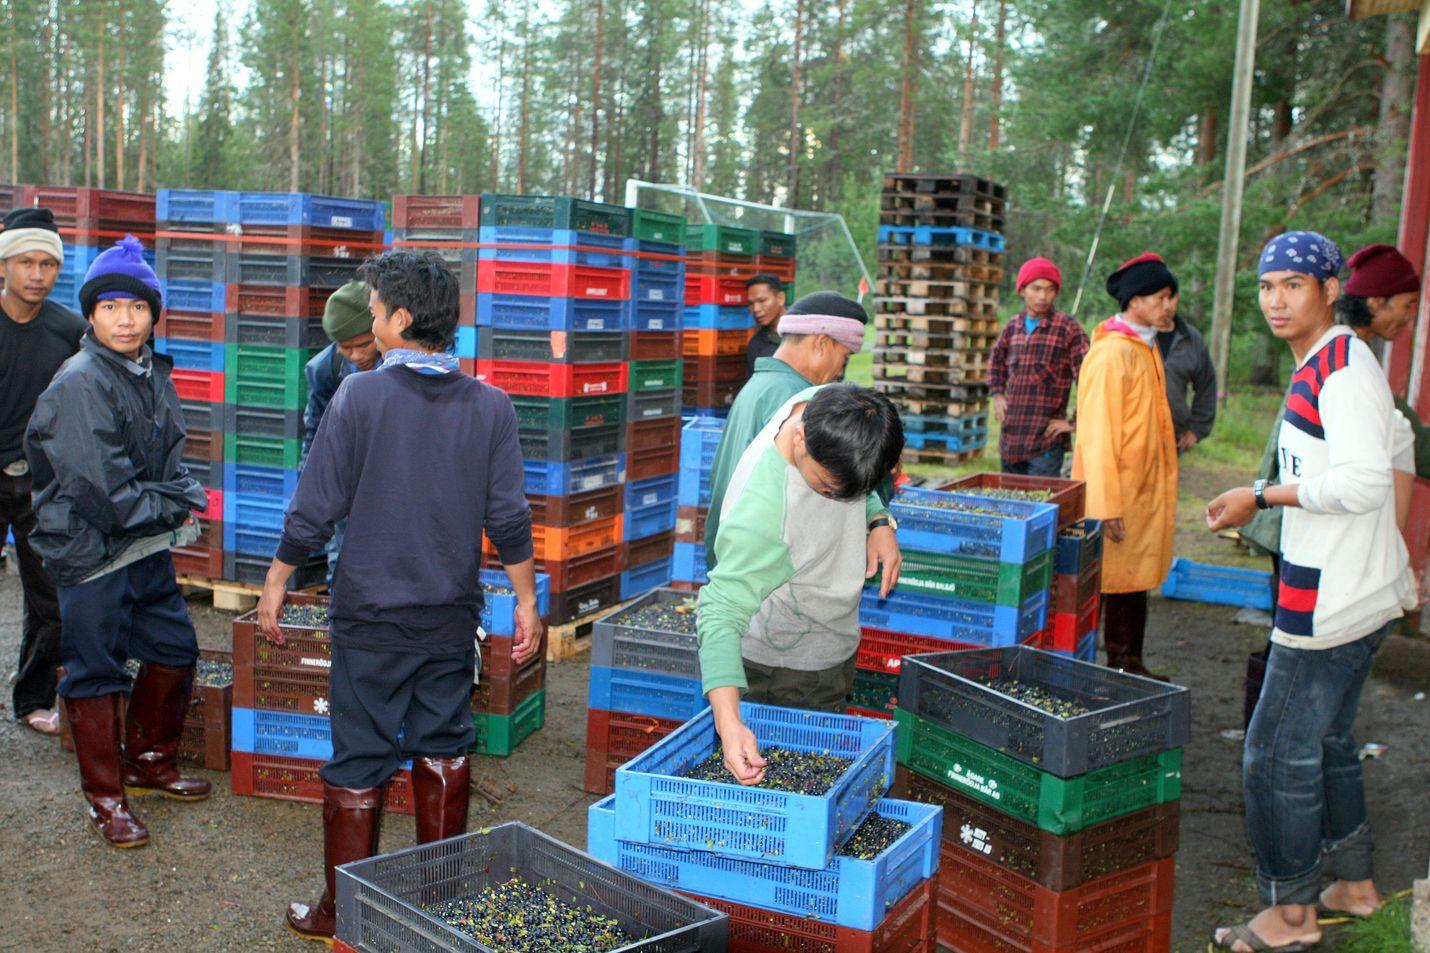 Ulkomaalaiset - pääosin thaimaalaiset - poimivat Suomessa kerätyistä luonnonmarjoista viime vuonna noin 92 prosenttia.